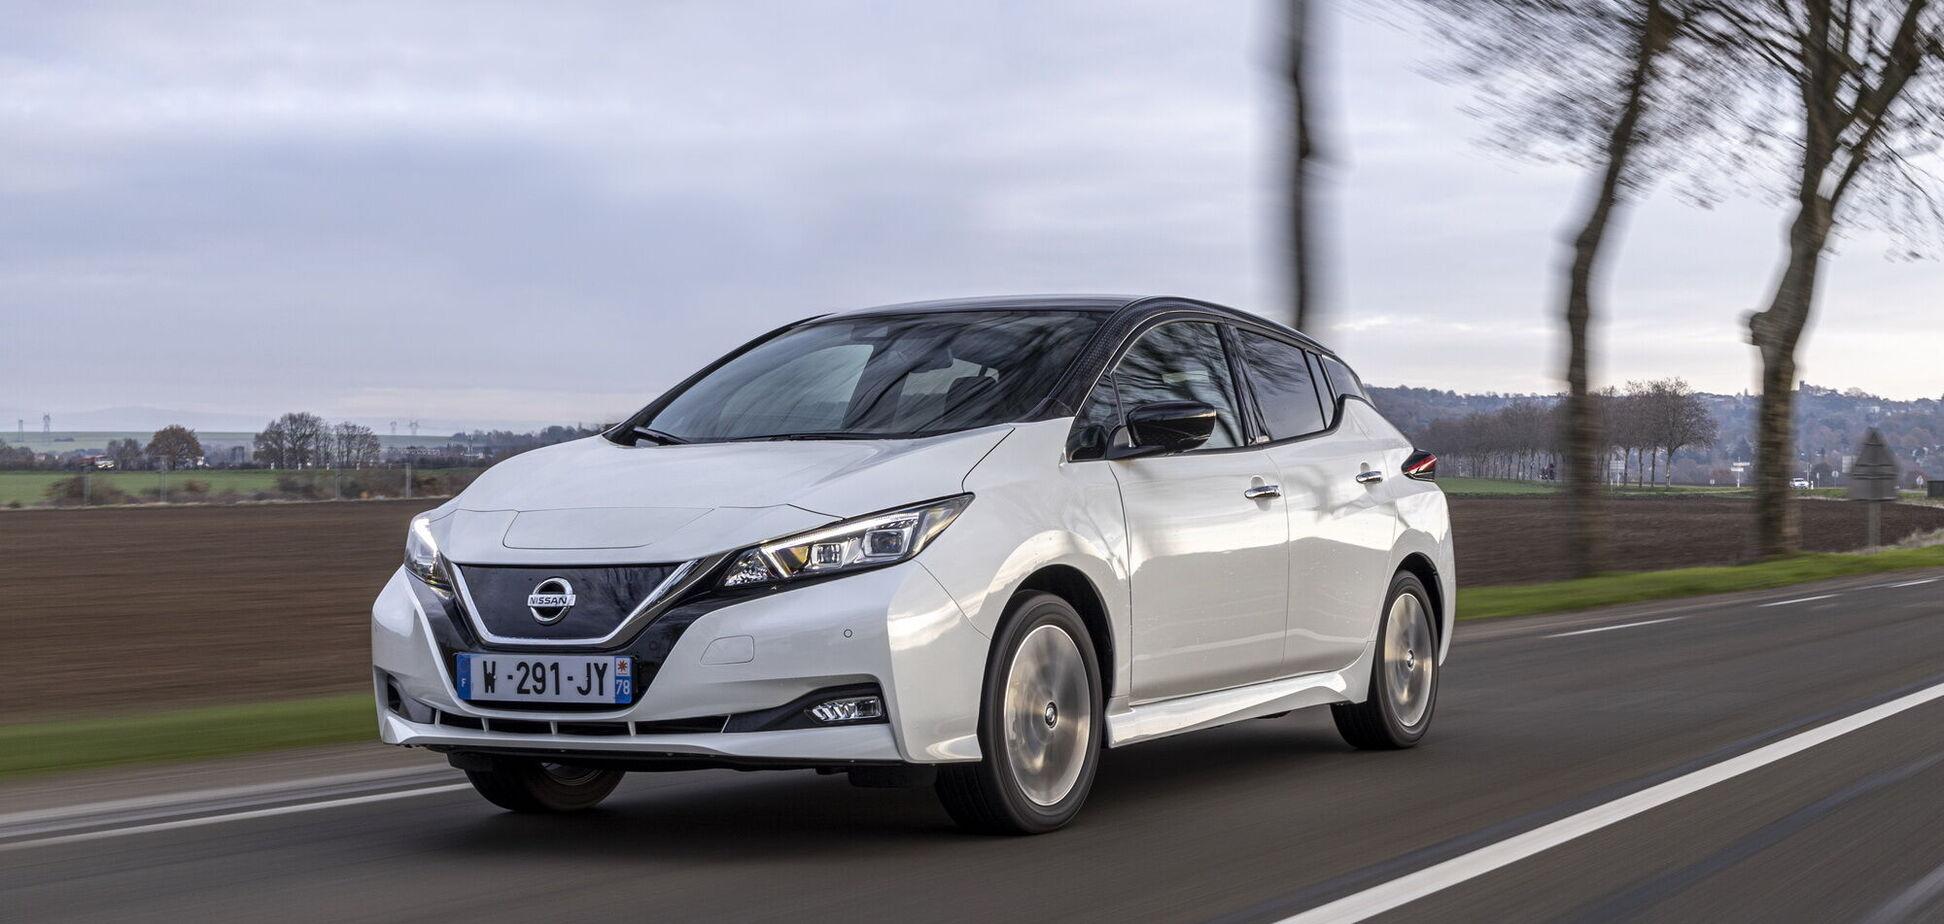 Nissan має намір побудувати у Великобританії завод із випуску акумуляторів